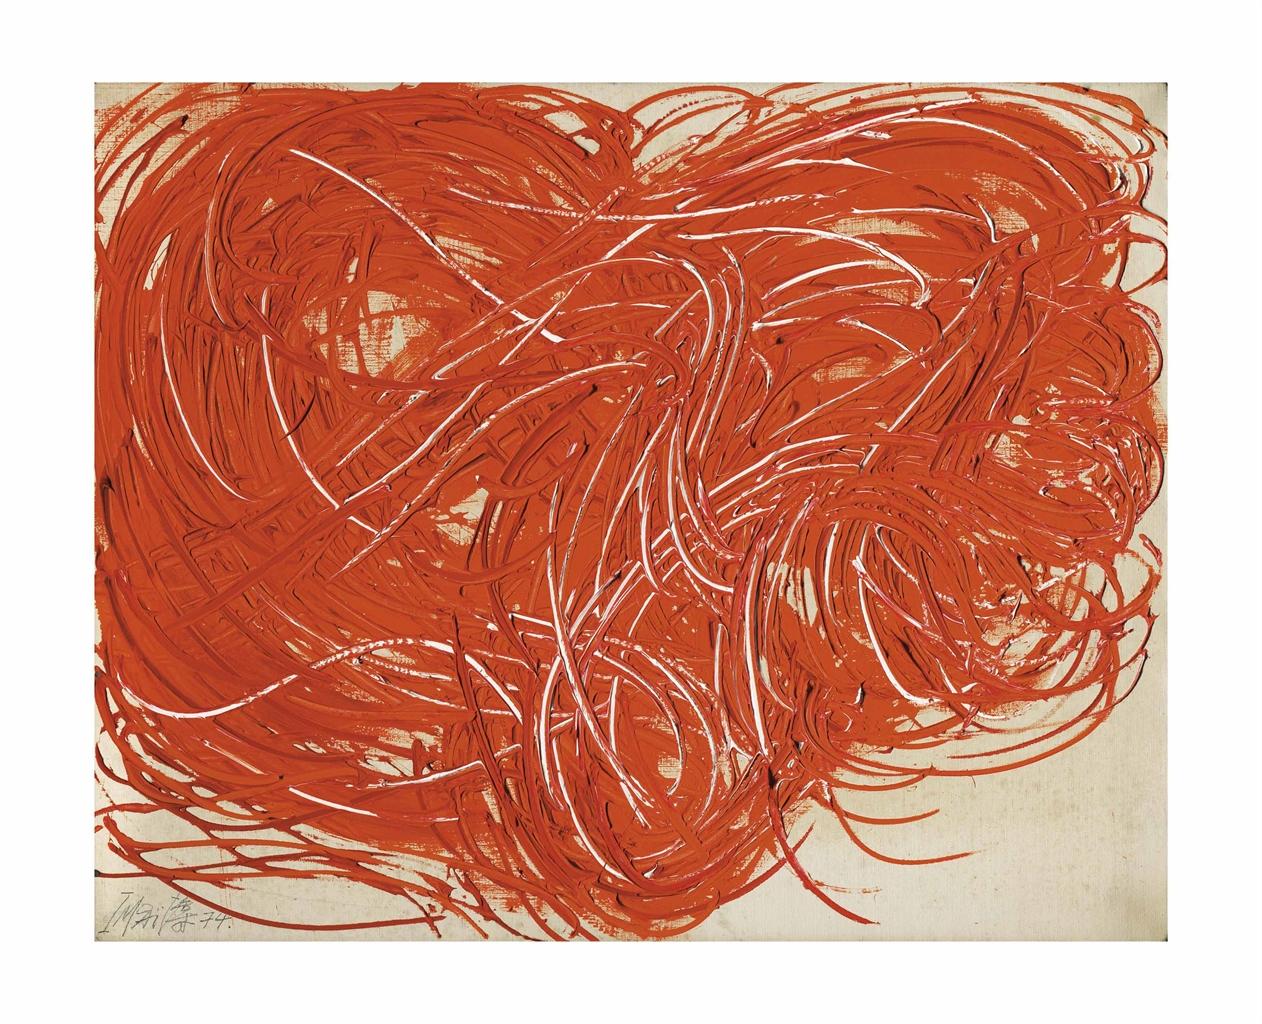 Toshimitsu Imai-Aka (Red)-1974